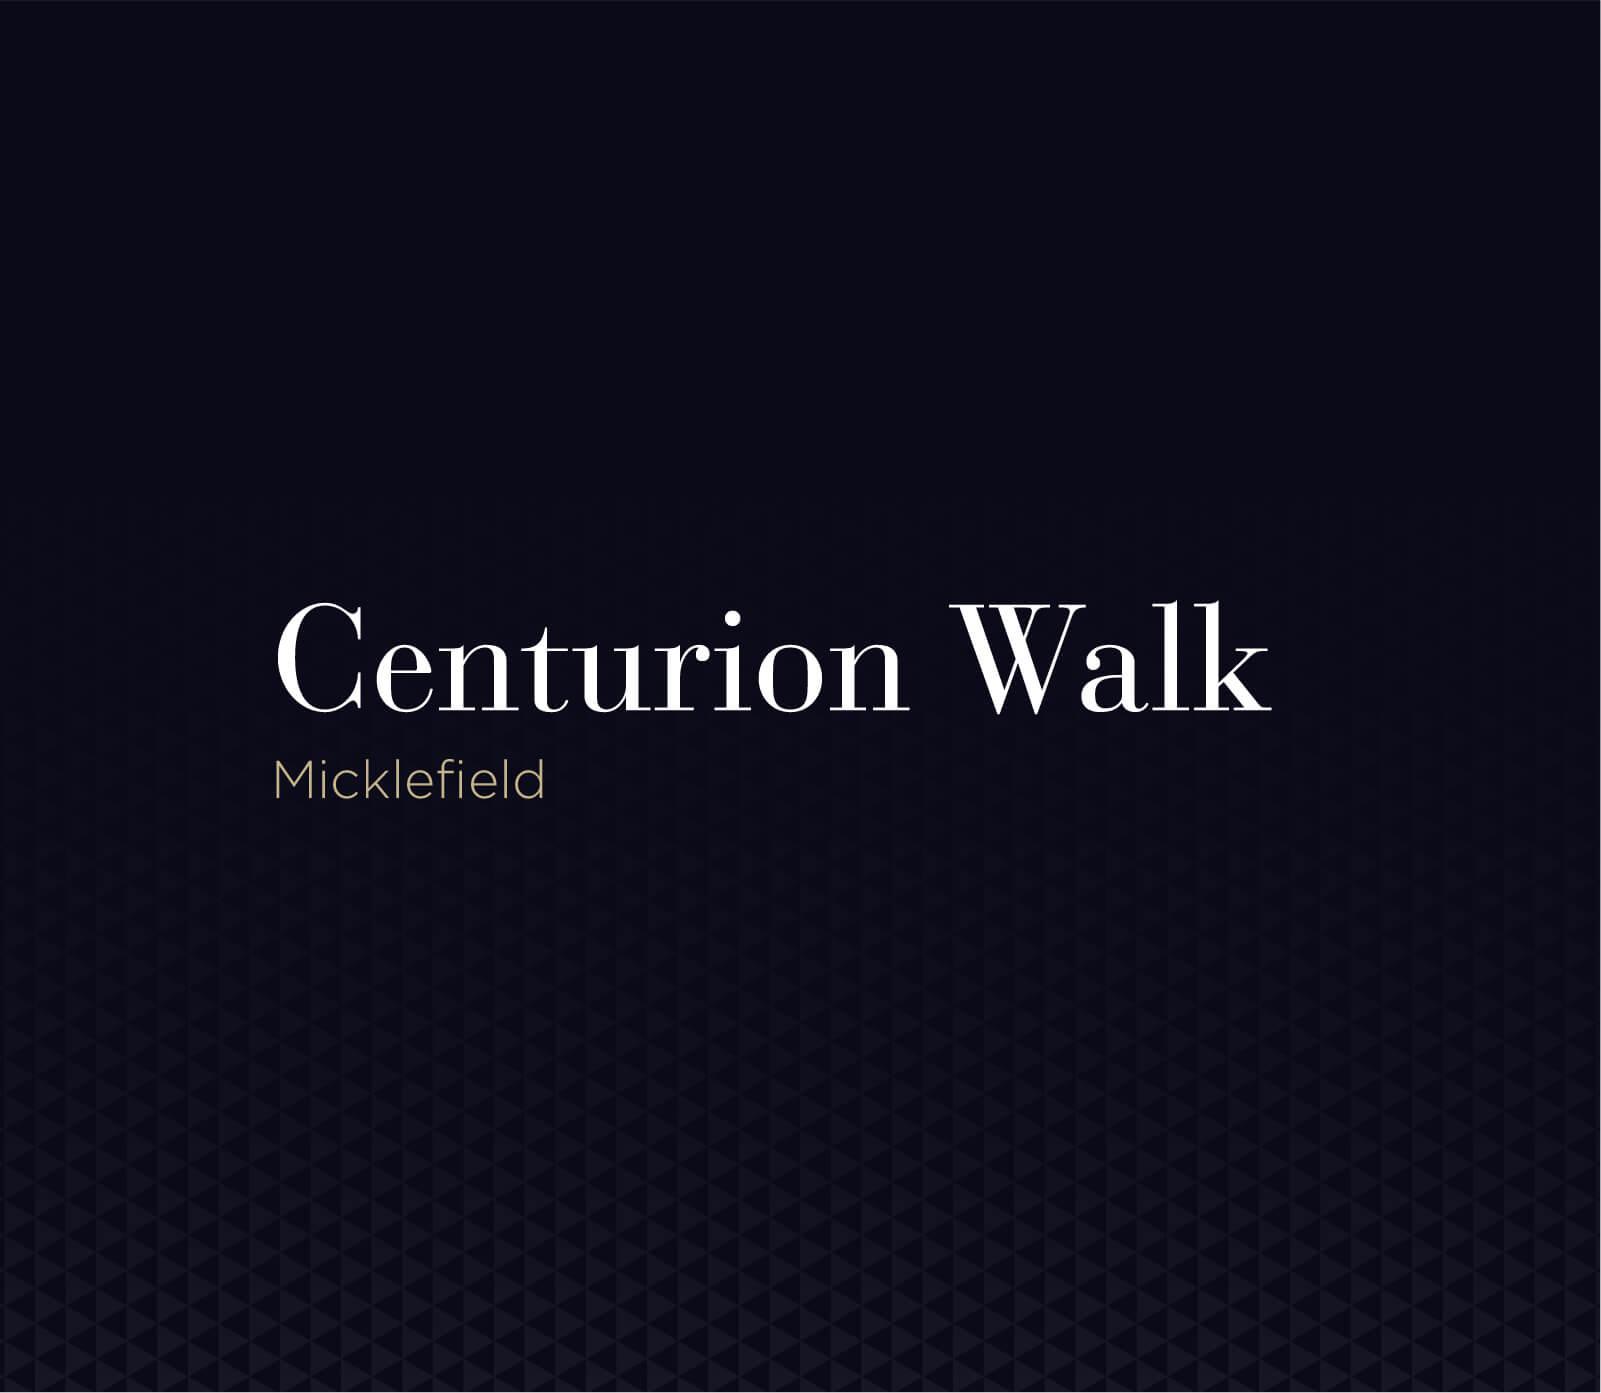 Centurion Walk, Micklefield